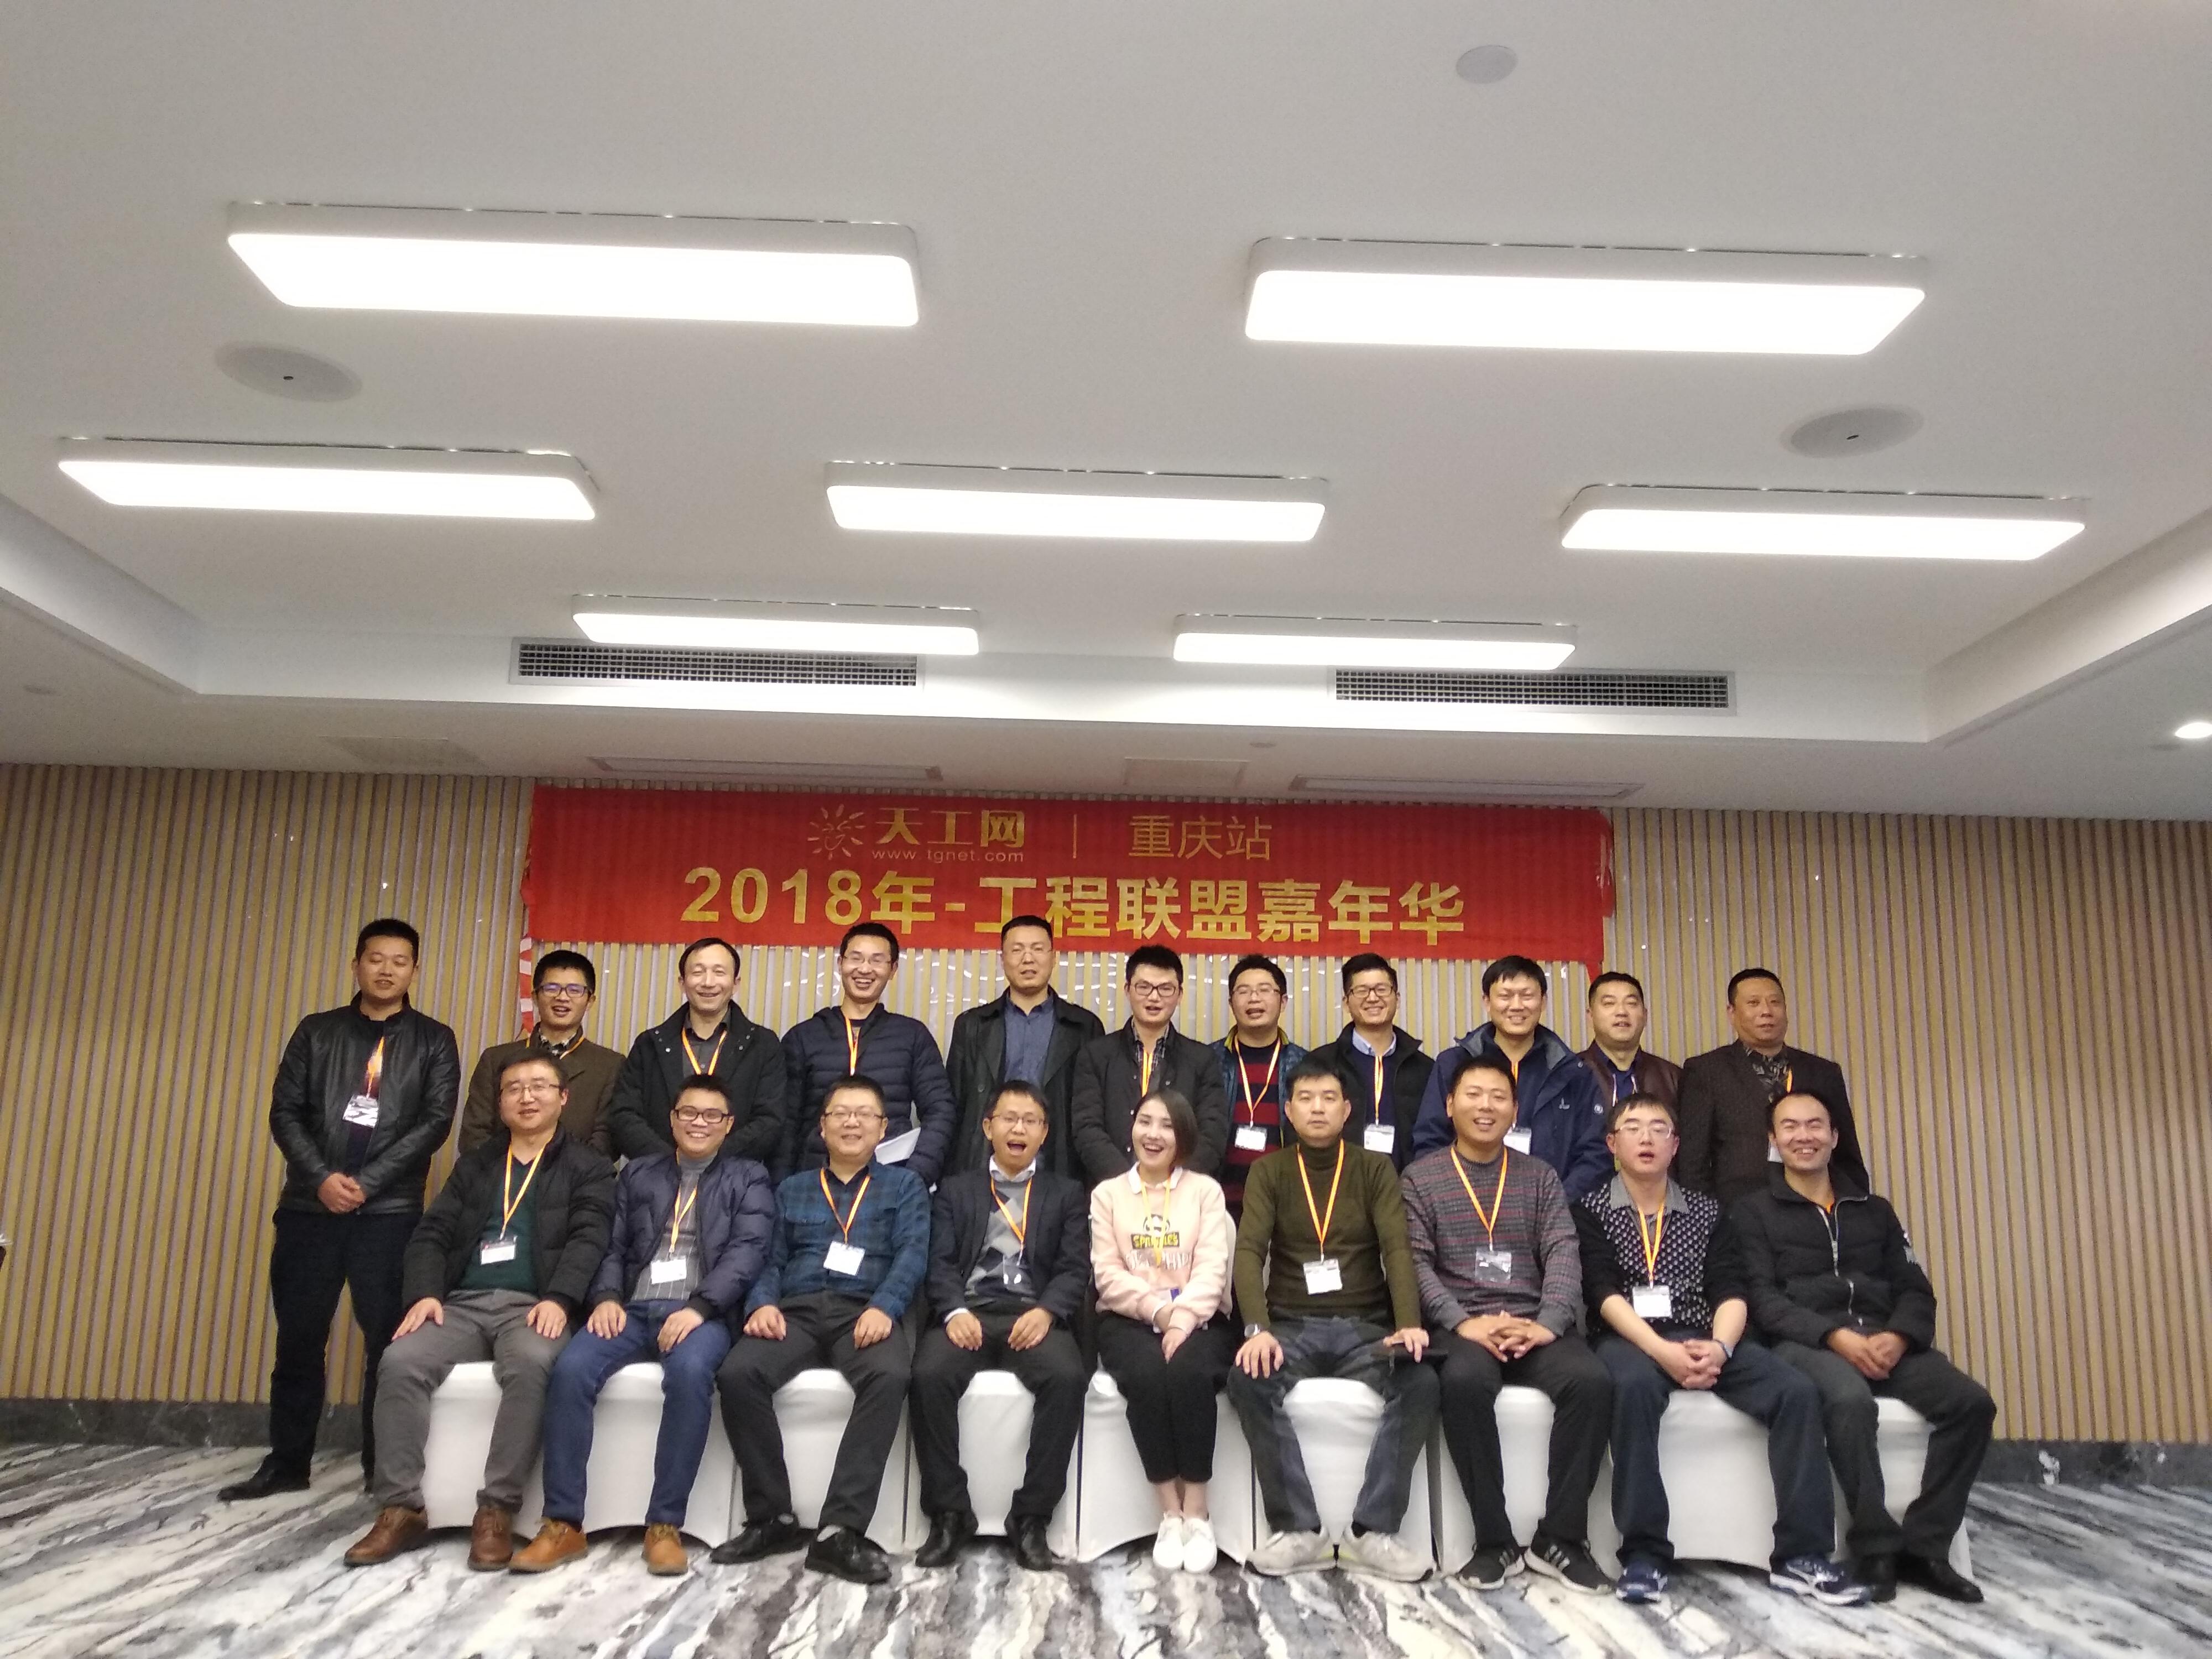 2017天工网工程联盟嘉年华――重庆站